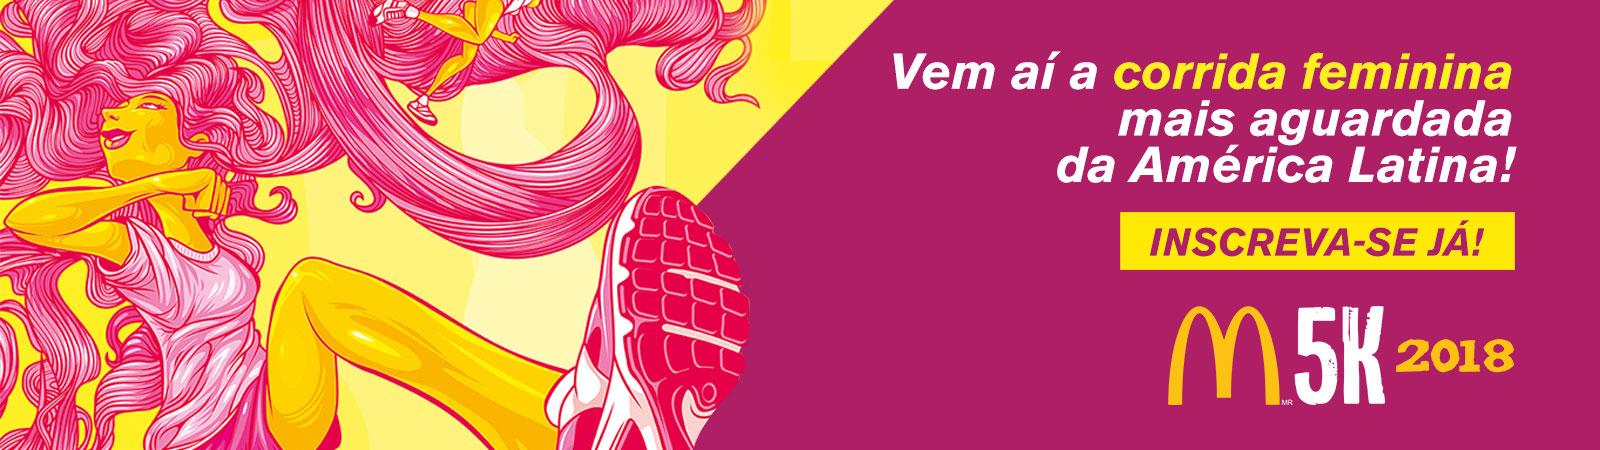 CORRIDA E CAMINHADA FEMININA McDonald's 5K 2018 - SÃO PAULO